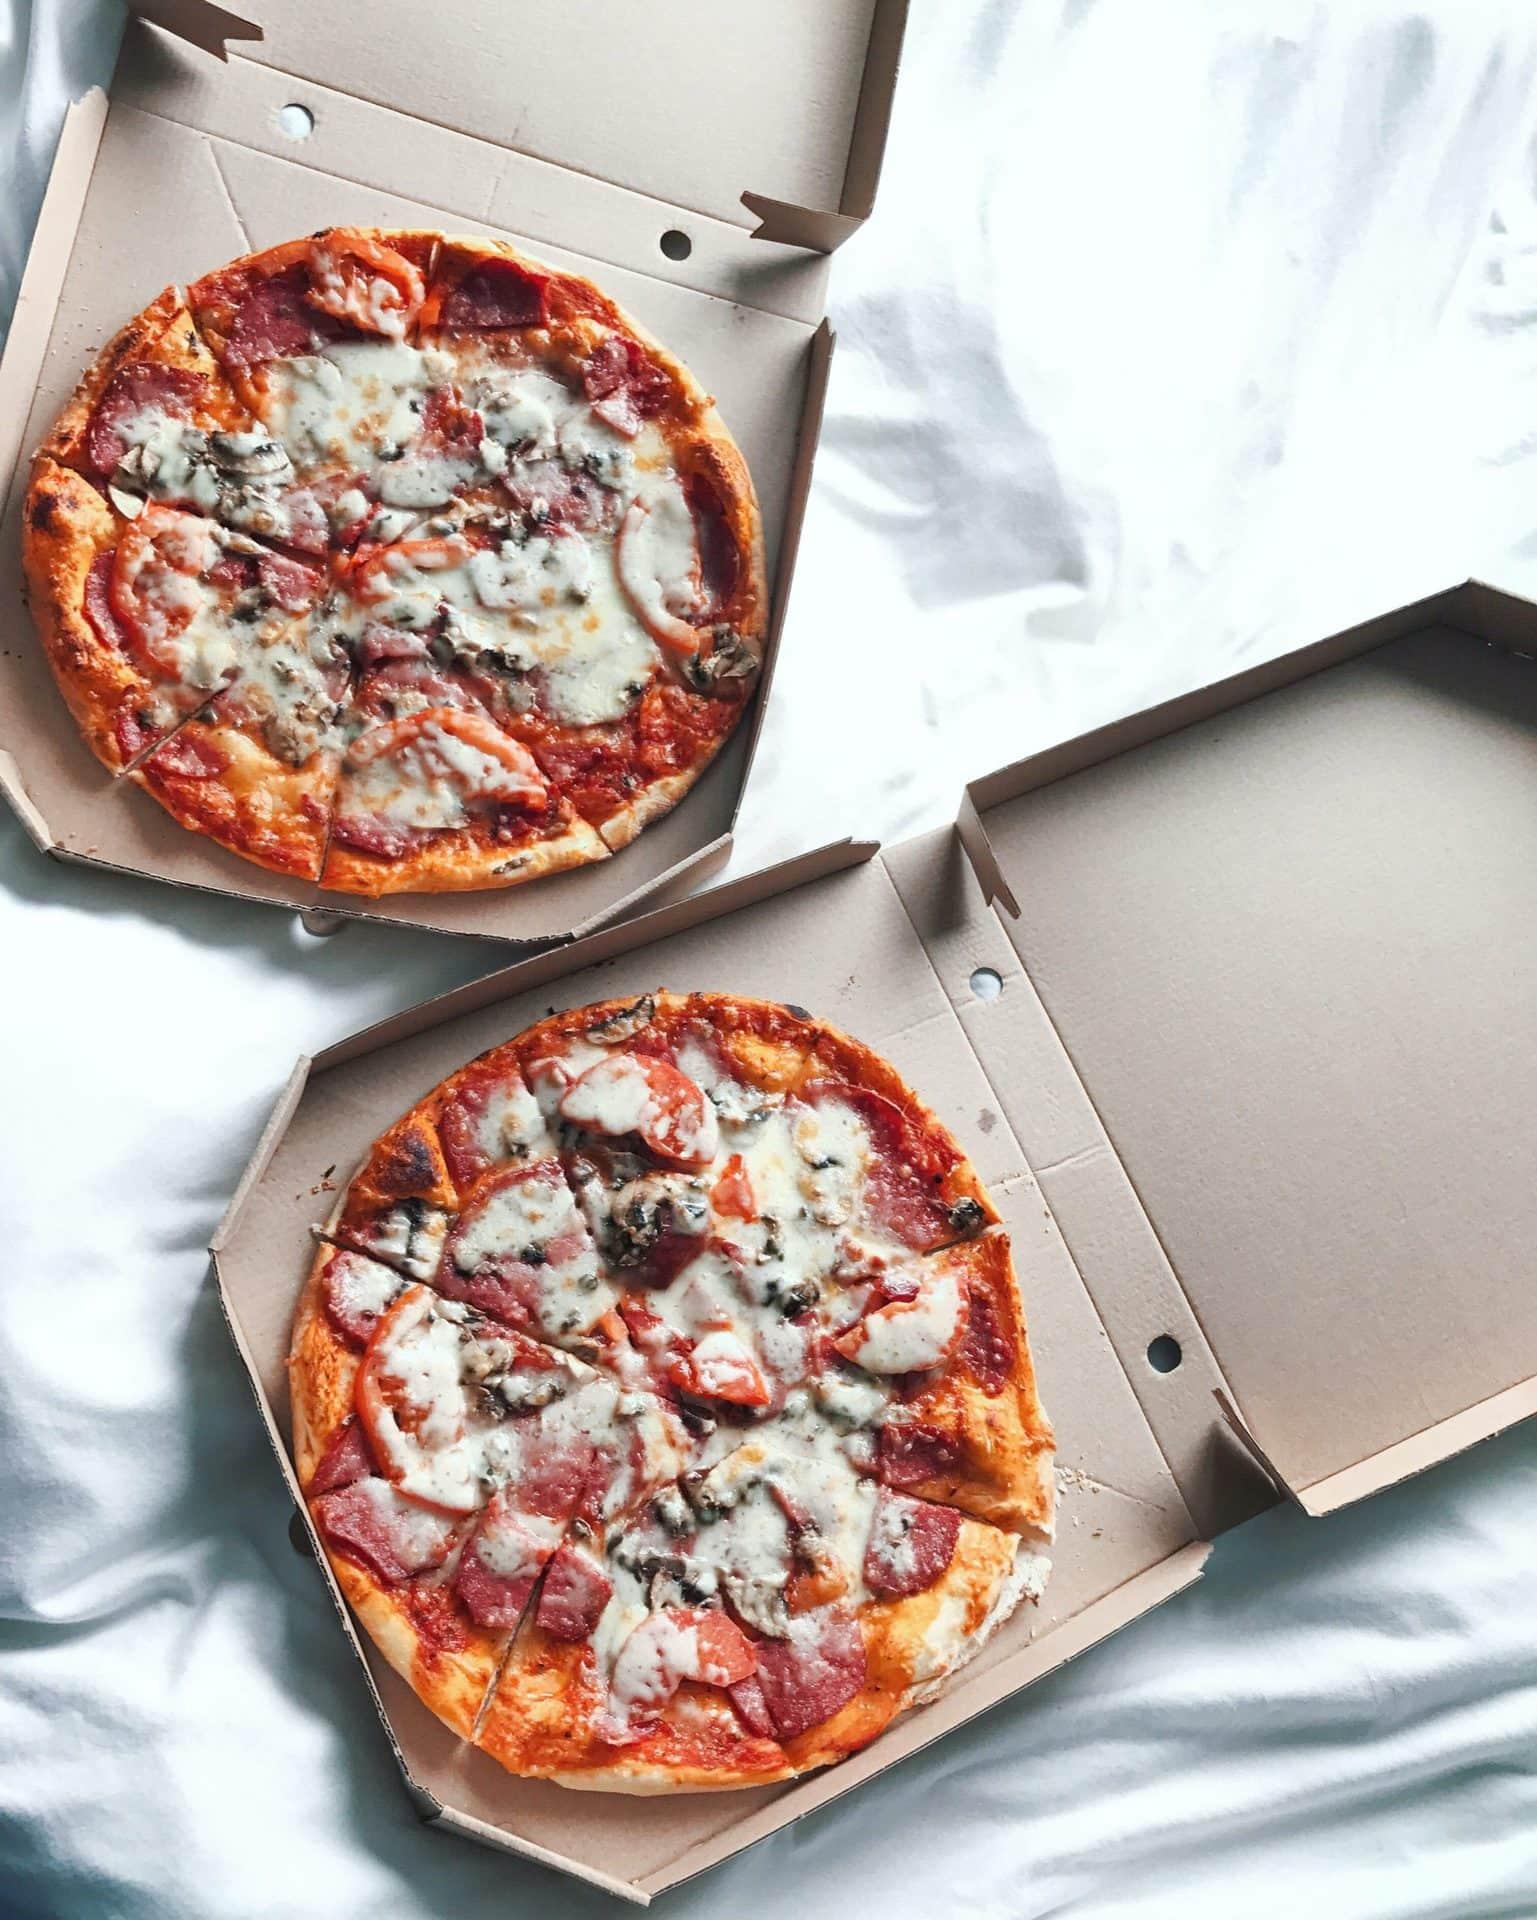 die besten pizzas heidelberg - oder doch pizzen?